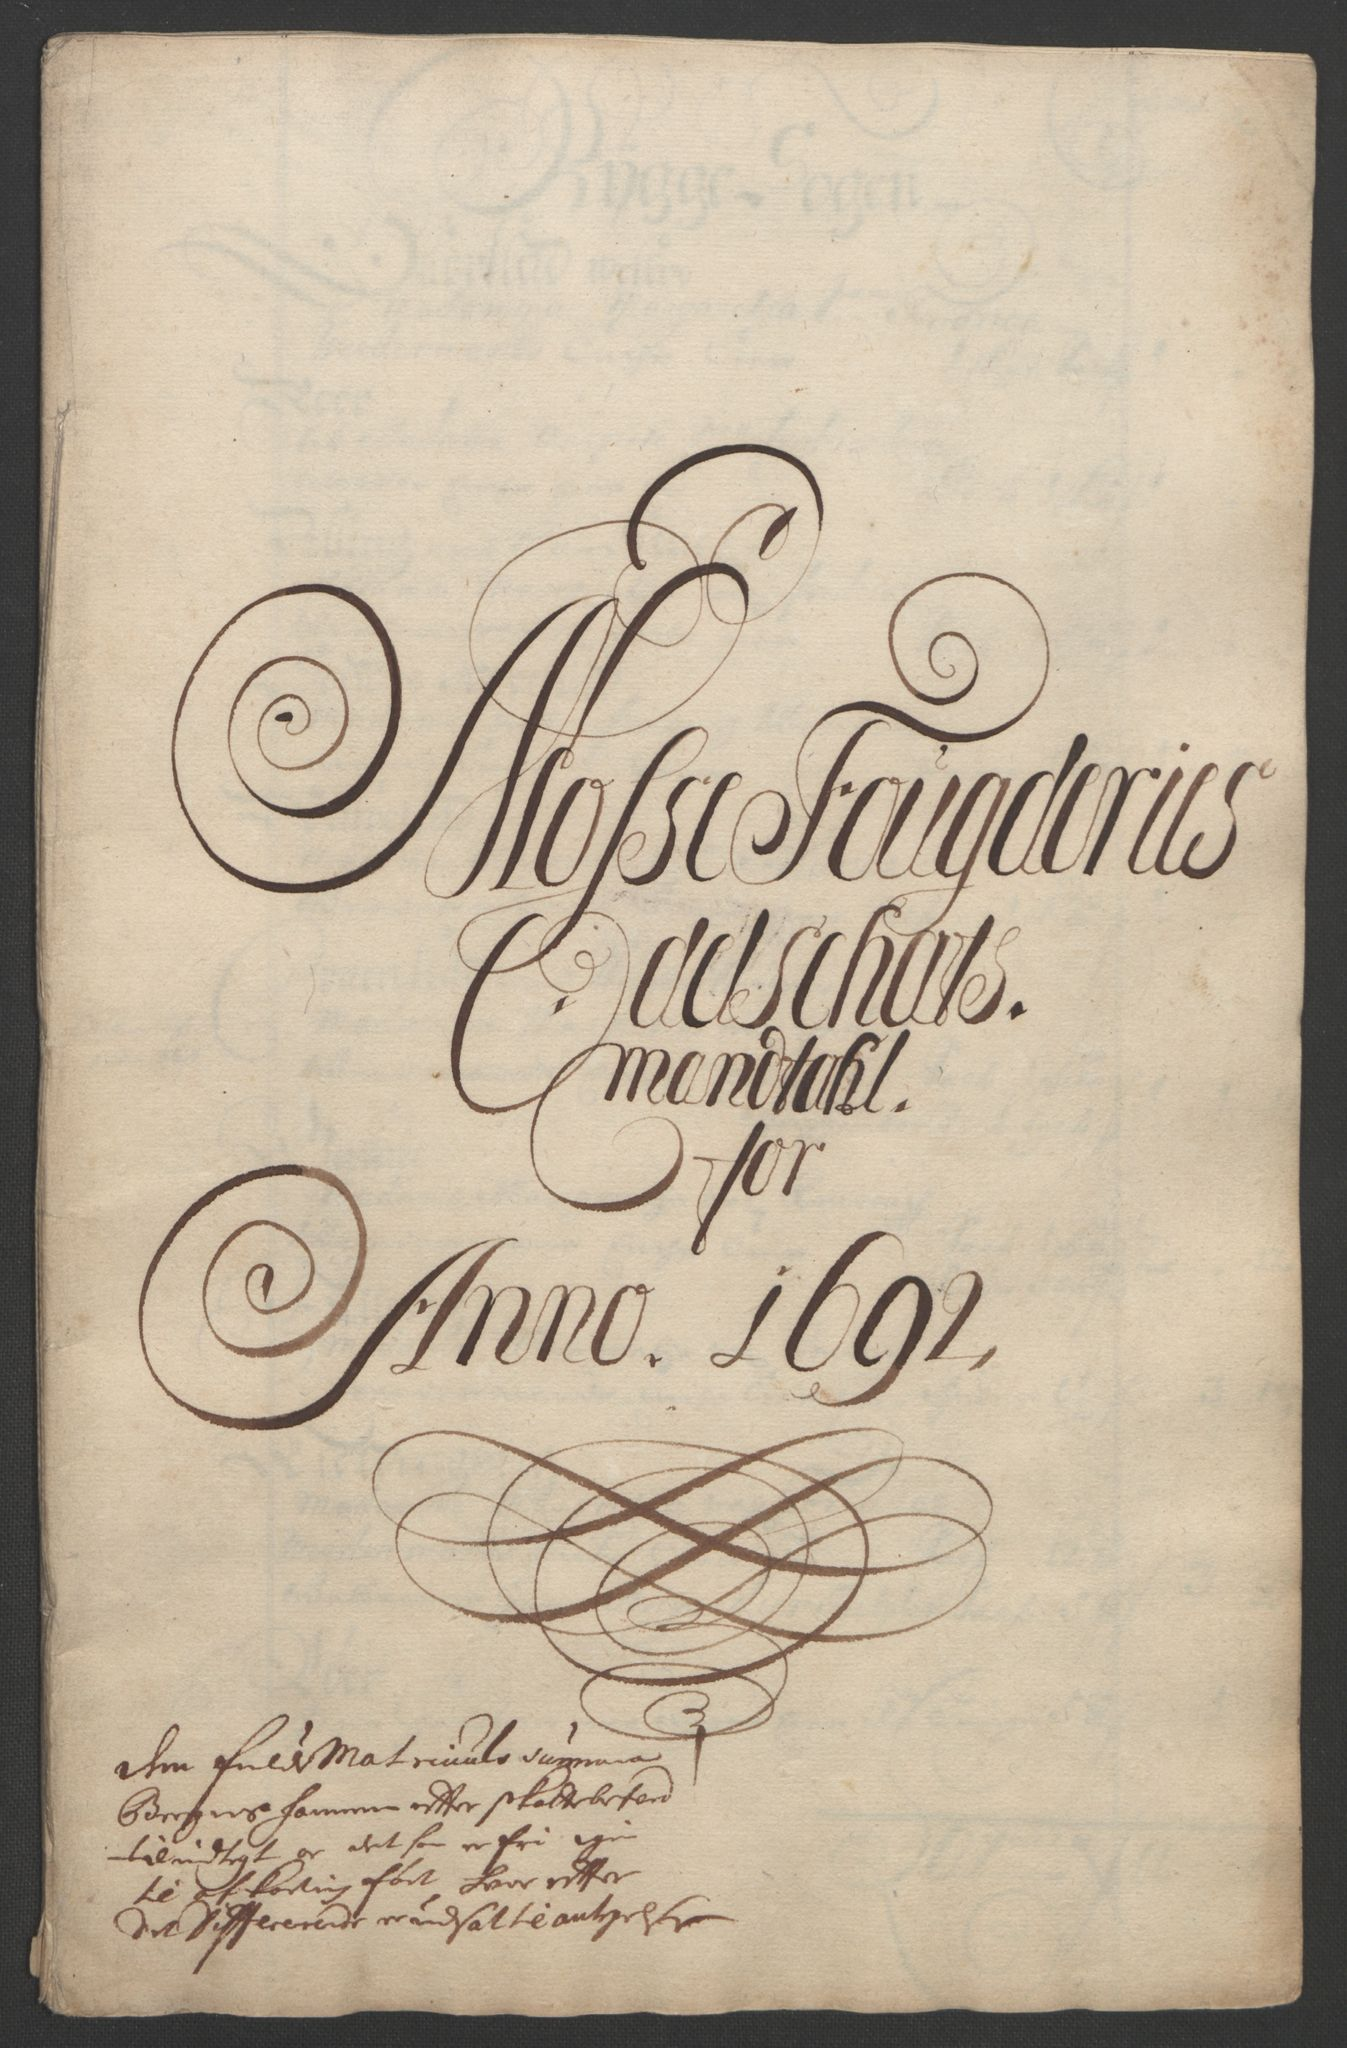 RA, Rentekammeret inntil 1814, Reviderte regnskaper, Fogderegnskap, R02/L0108: Fogderegnskap Moss og Verne kloster, 1692-1693, s. 105